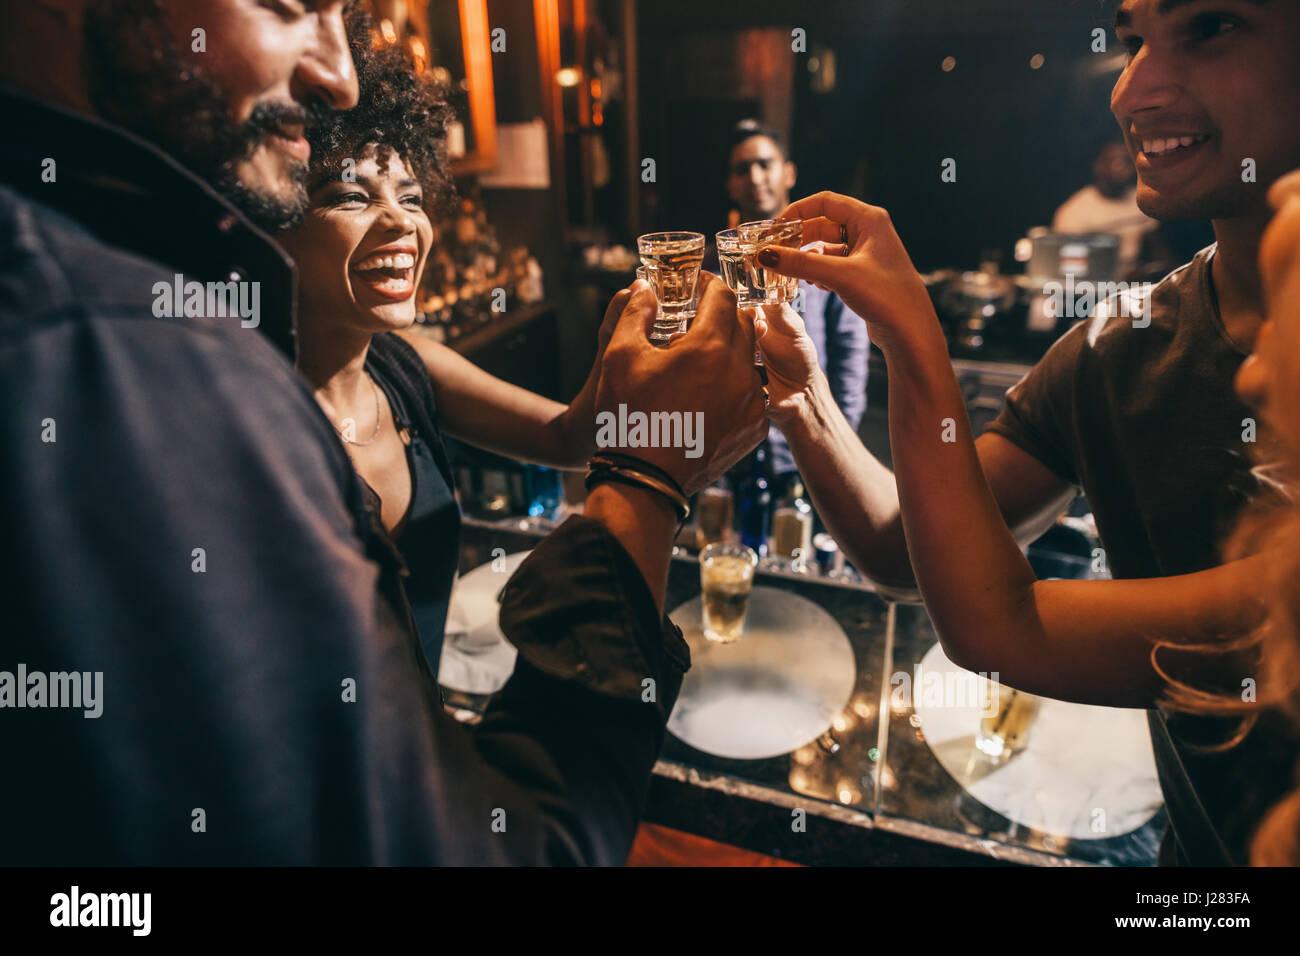 Freunde, die einander mit Aufnahmen von Wodka Toasten, wie sie einen entspannenden Abend in der Kneipe gemeinsam Stockbild